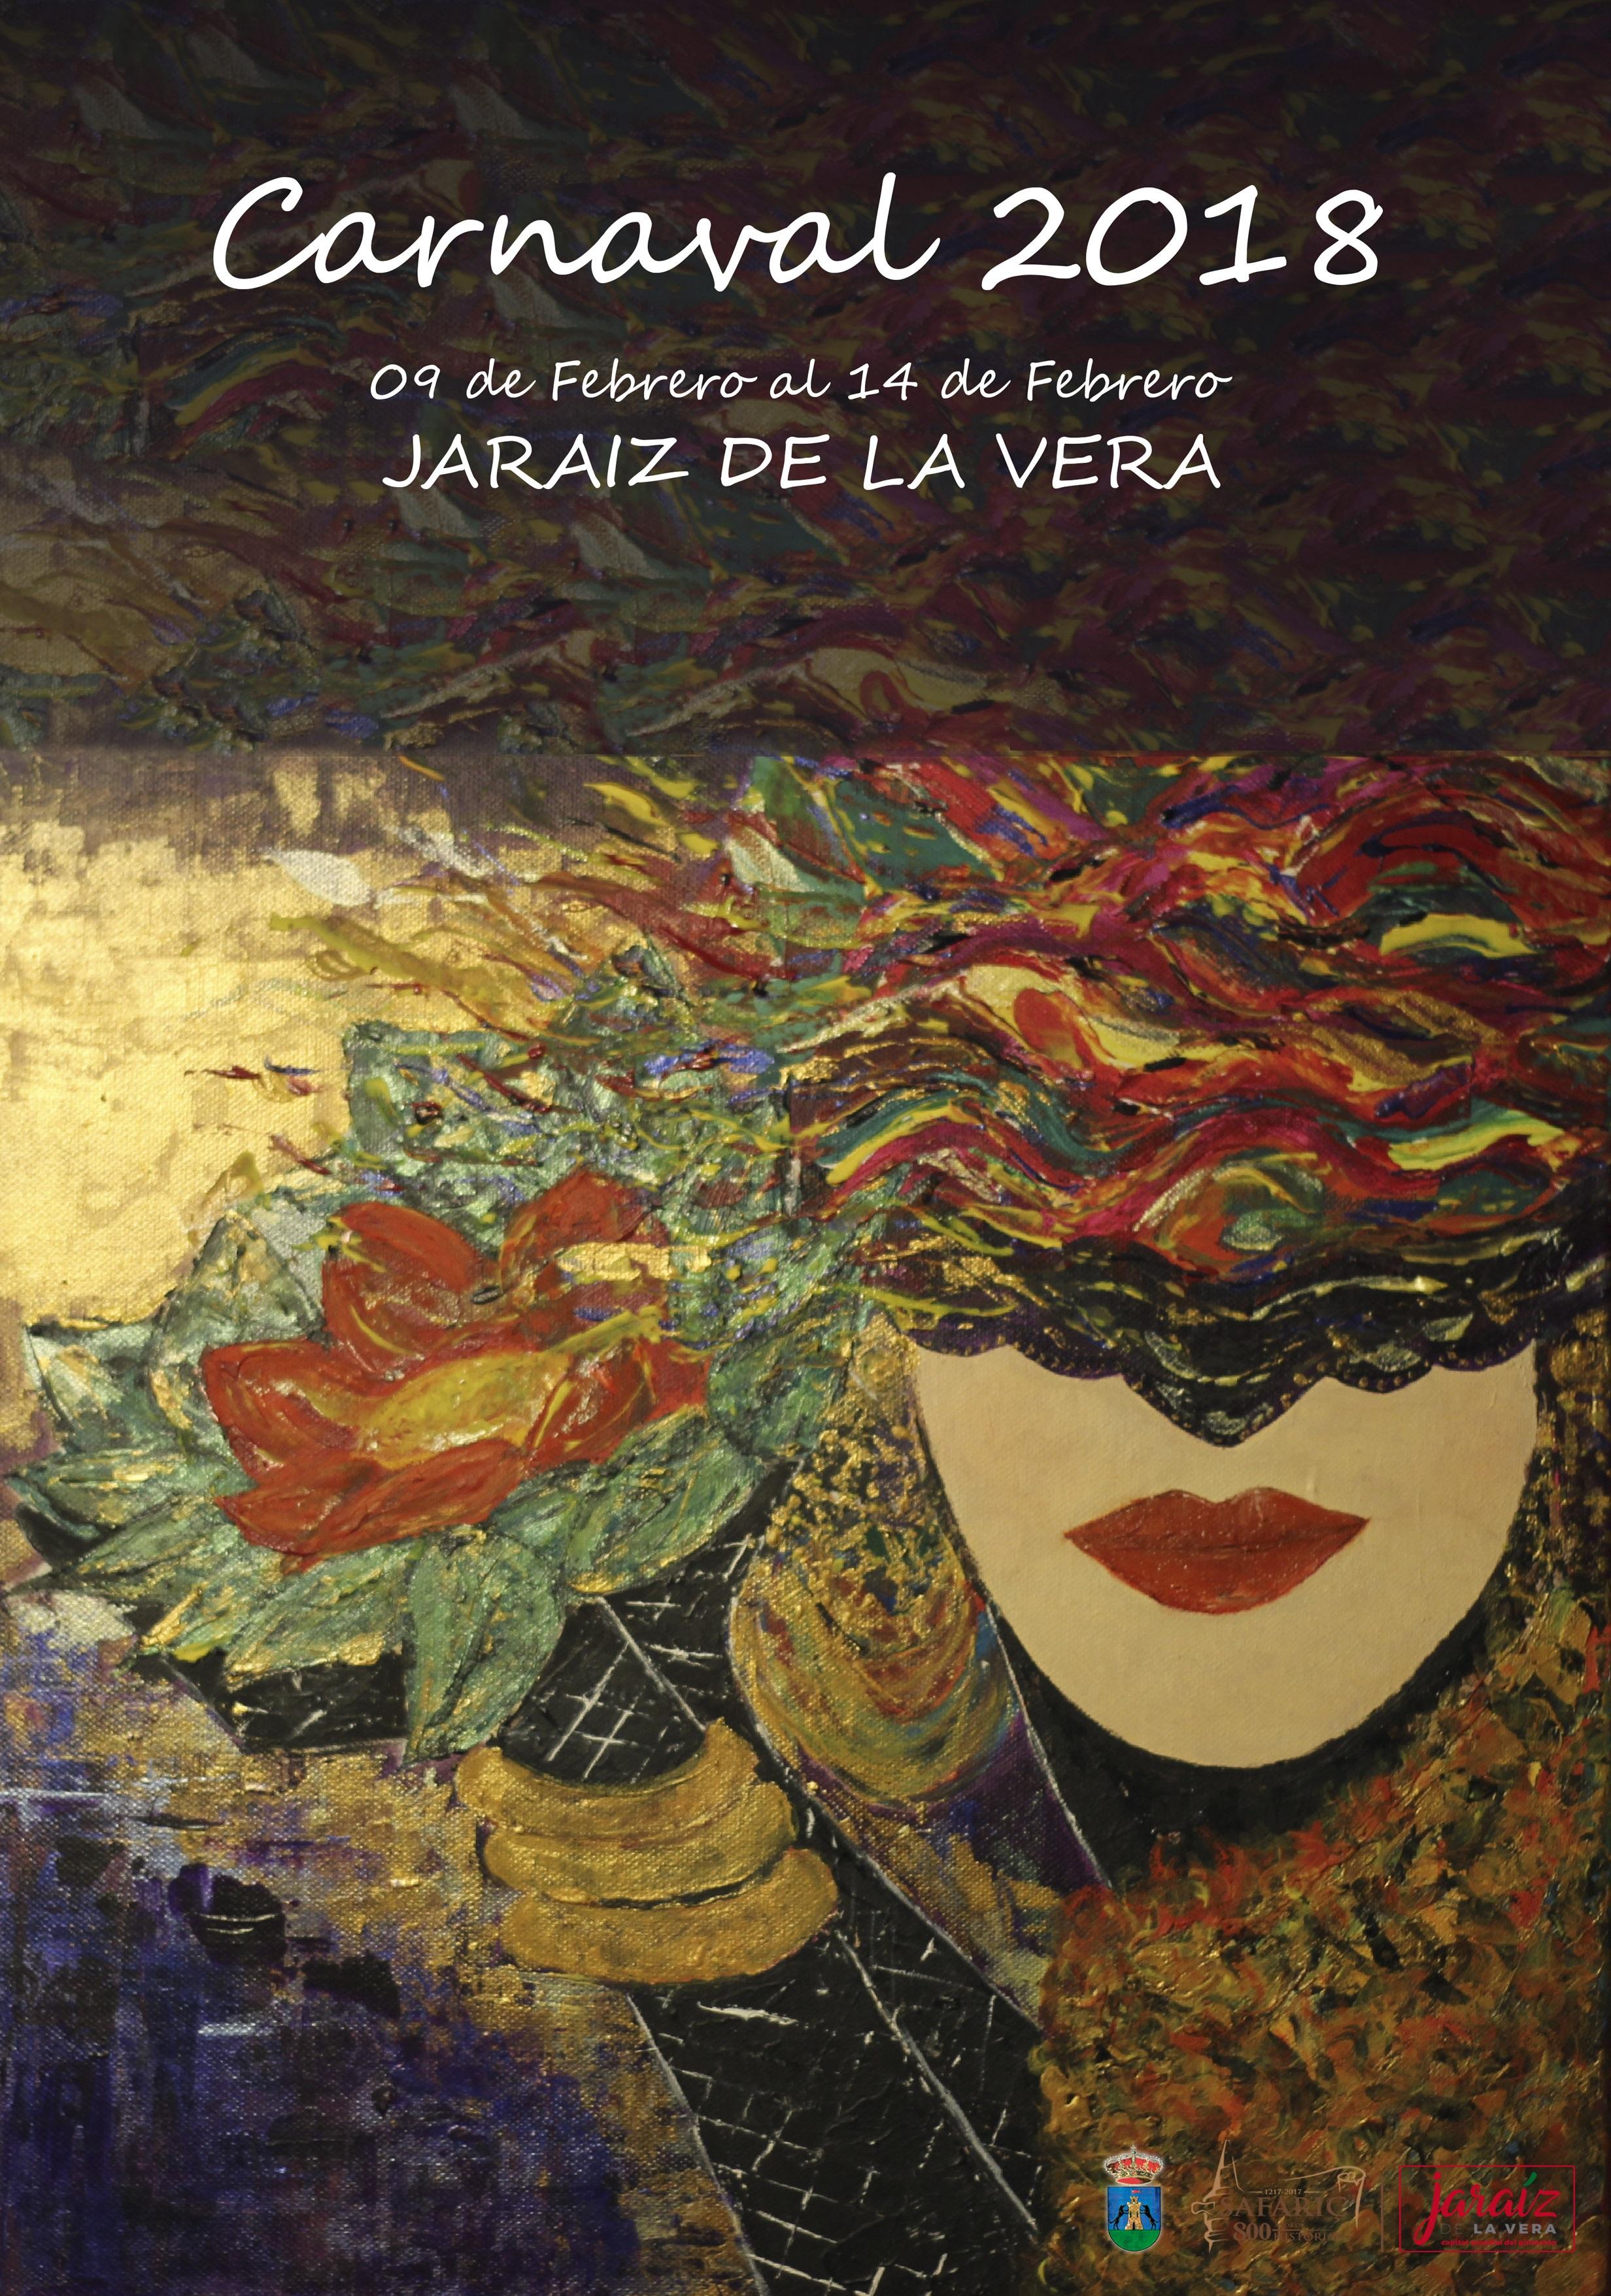 Cartel ganador del Carnaval de Jaraíz de la Vera 2018